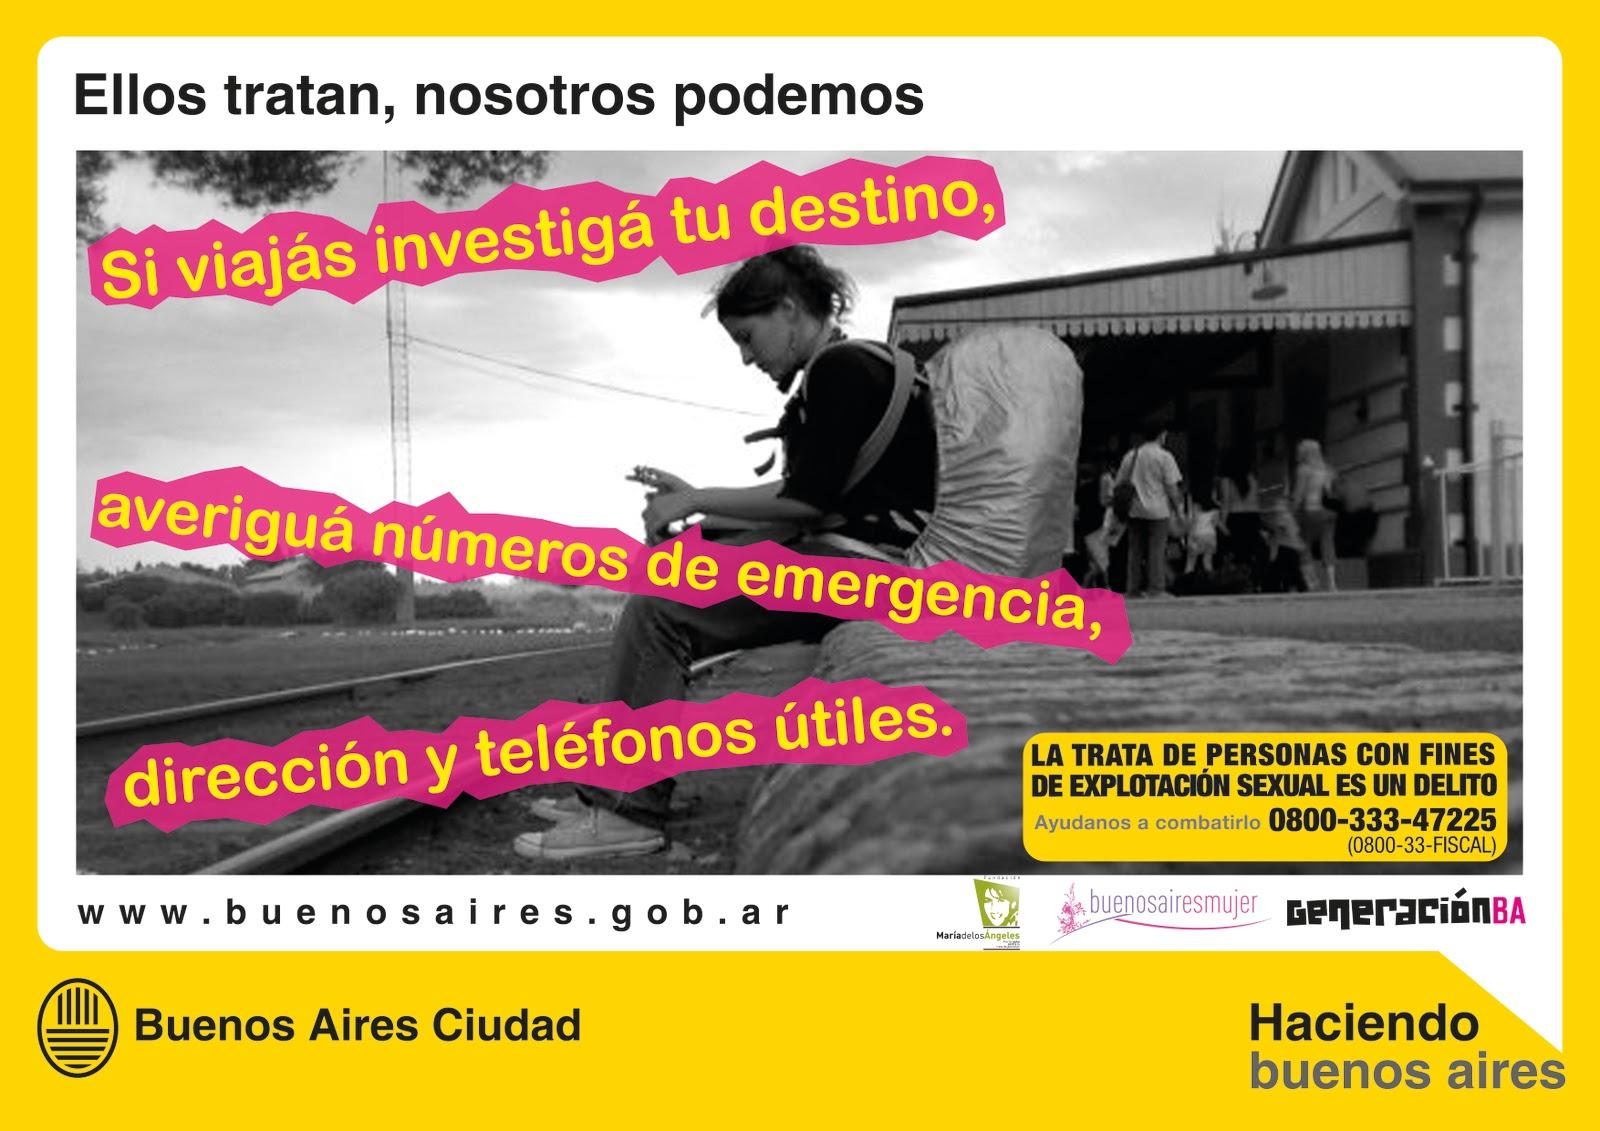 La Ciudad se suma a la lucha internacional contra la trata de personas